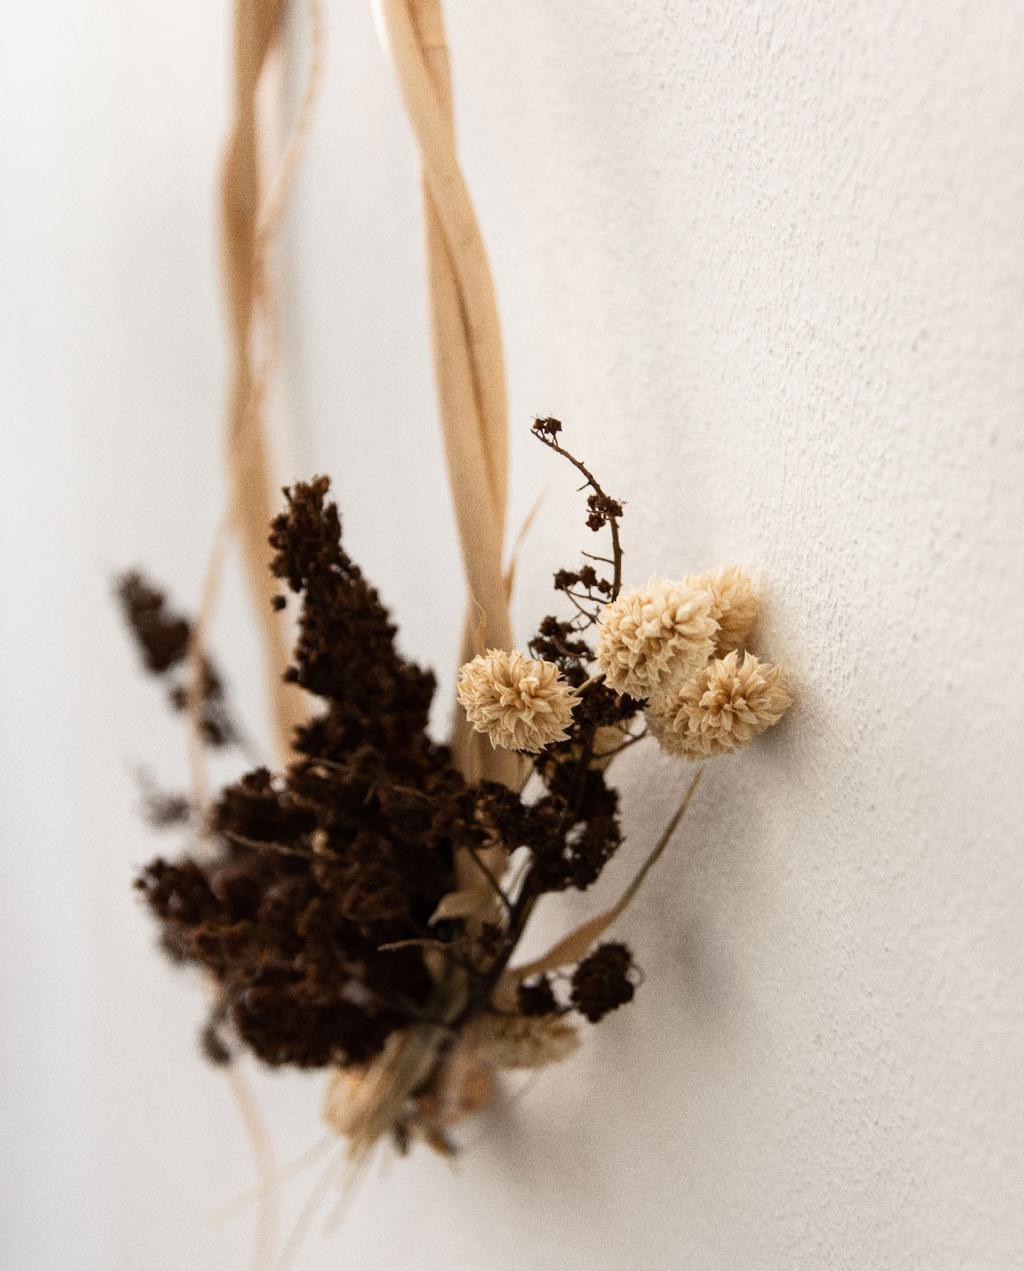 vtwonen-blog-rachel-terpstra-bloemenkransen